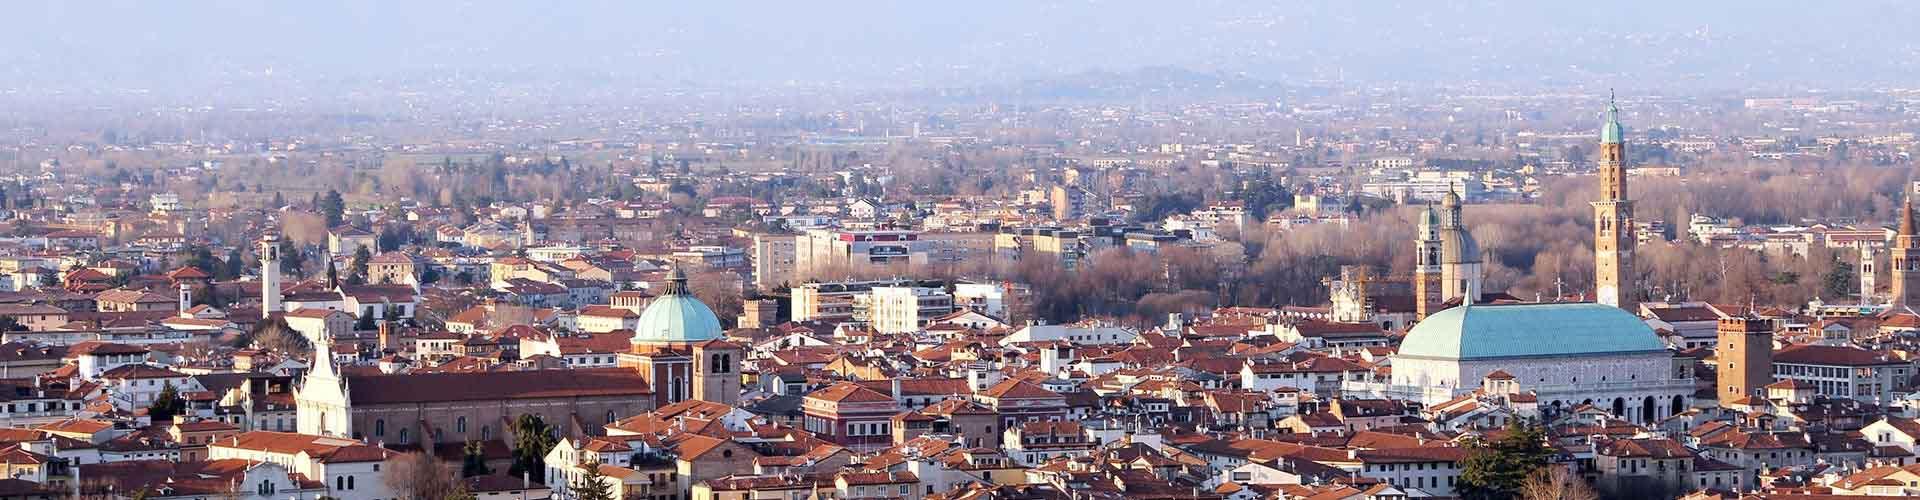 Vicenza - Habitaciones en Vicenza. Mapas de Vicenza, Fotos y comentarios de cada Habitación en Vicenza.